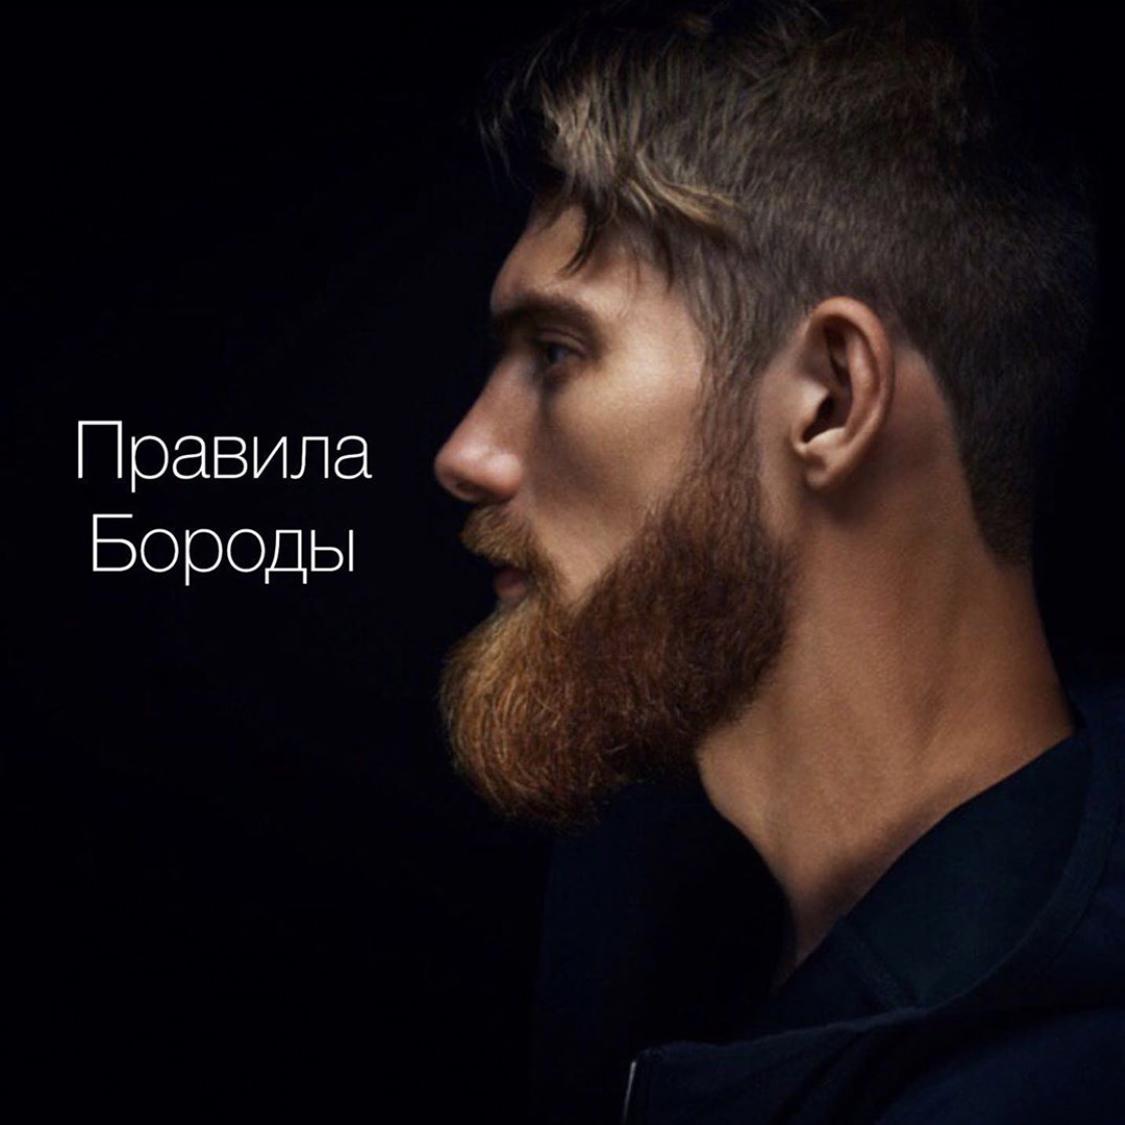 Правила бороды